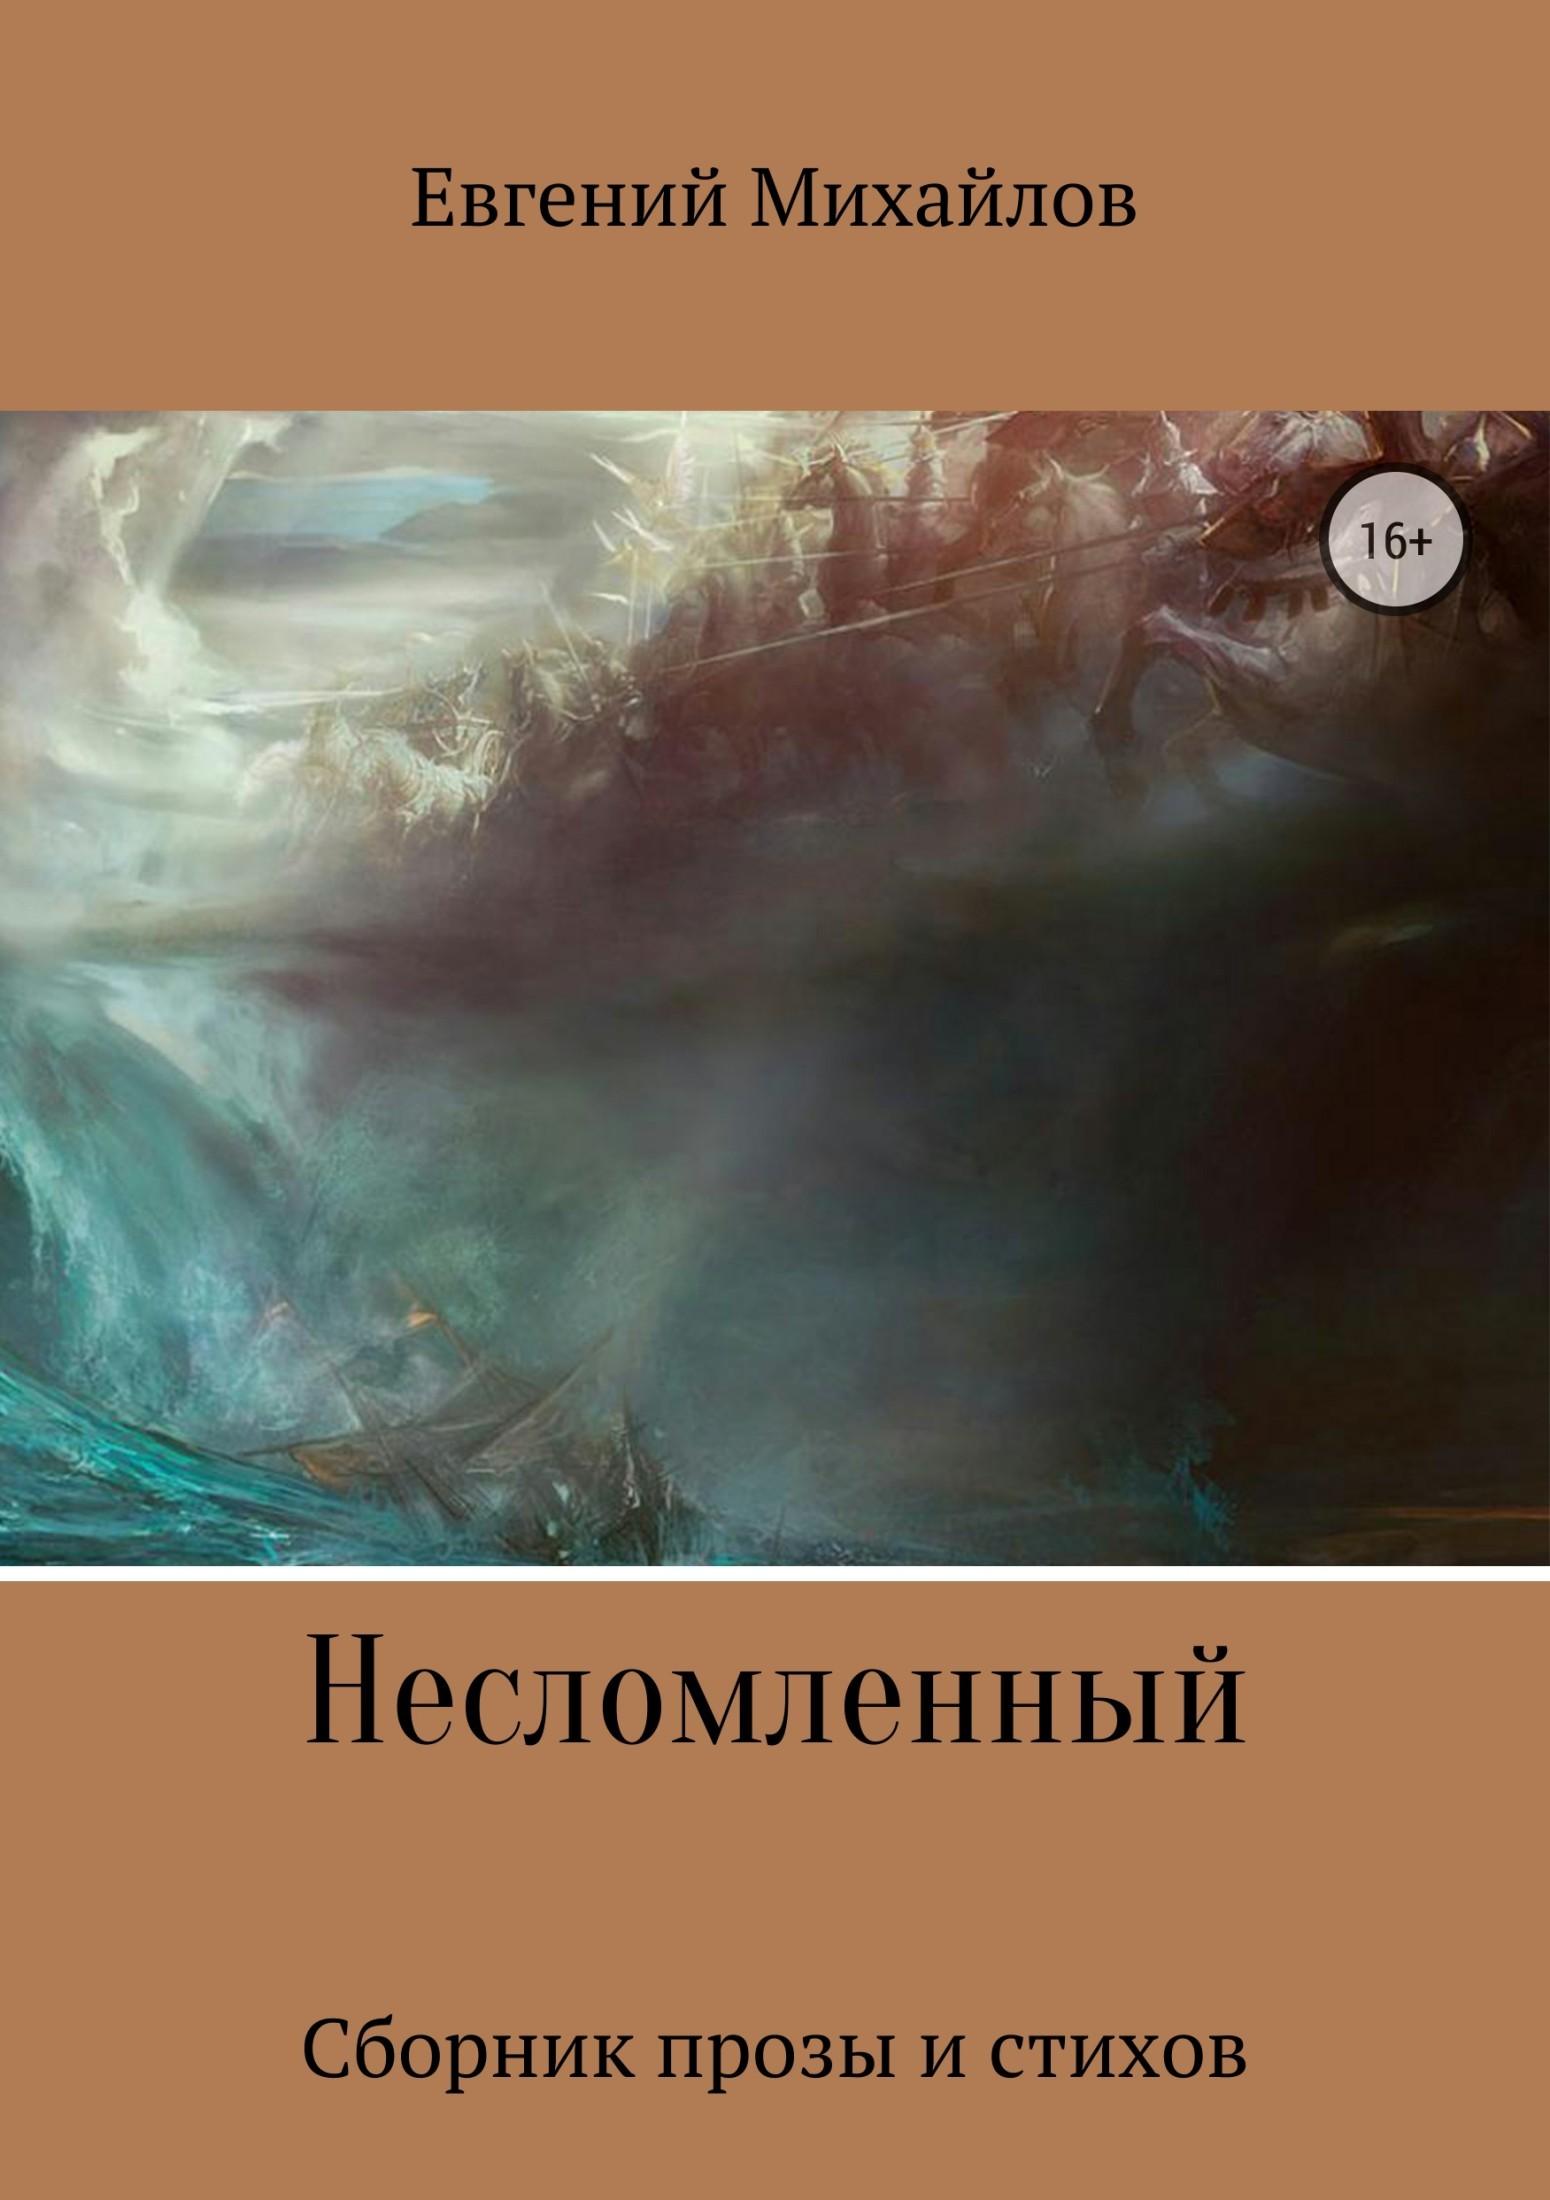 Евгений Николаевич Михайлов Несломленный. Сборник прозы и стихов евгений меркулов белый кречет сборник стихов